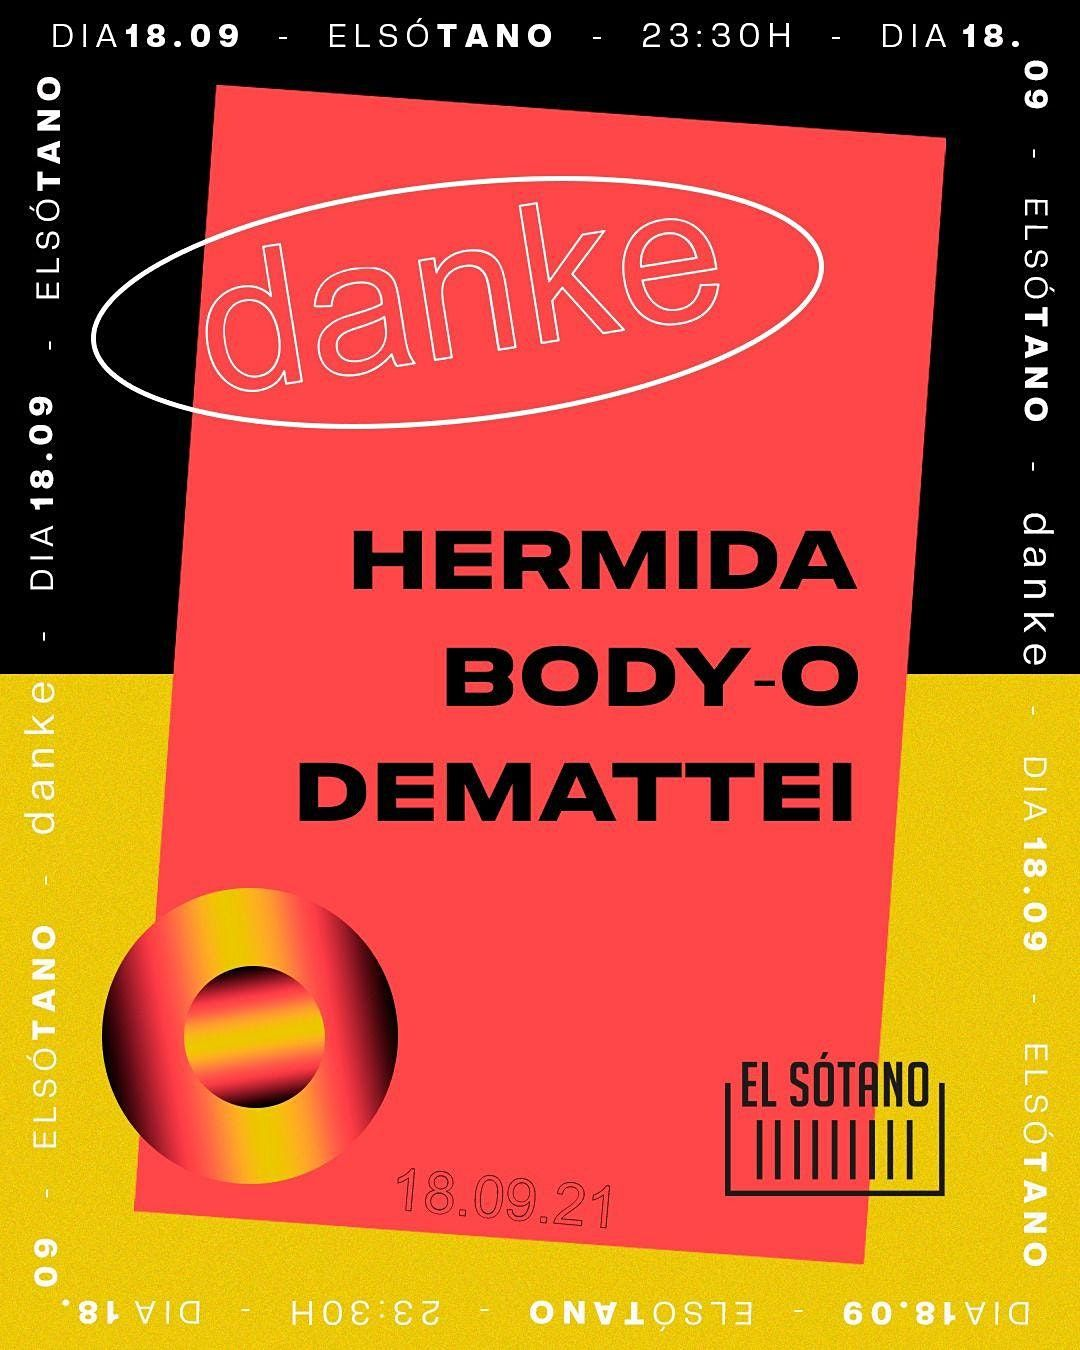 DANKE (Hermida + Body-O + dEMATTEI)